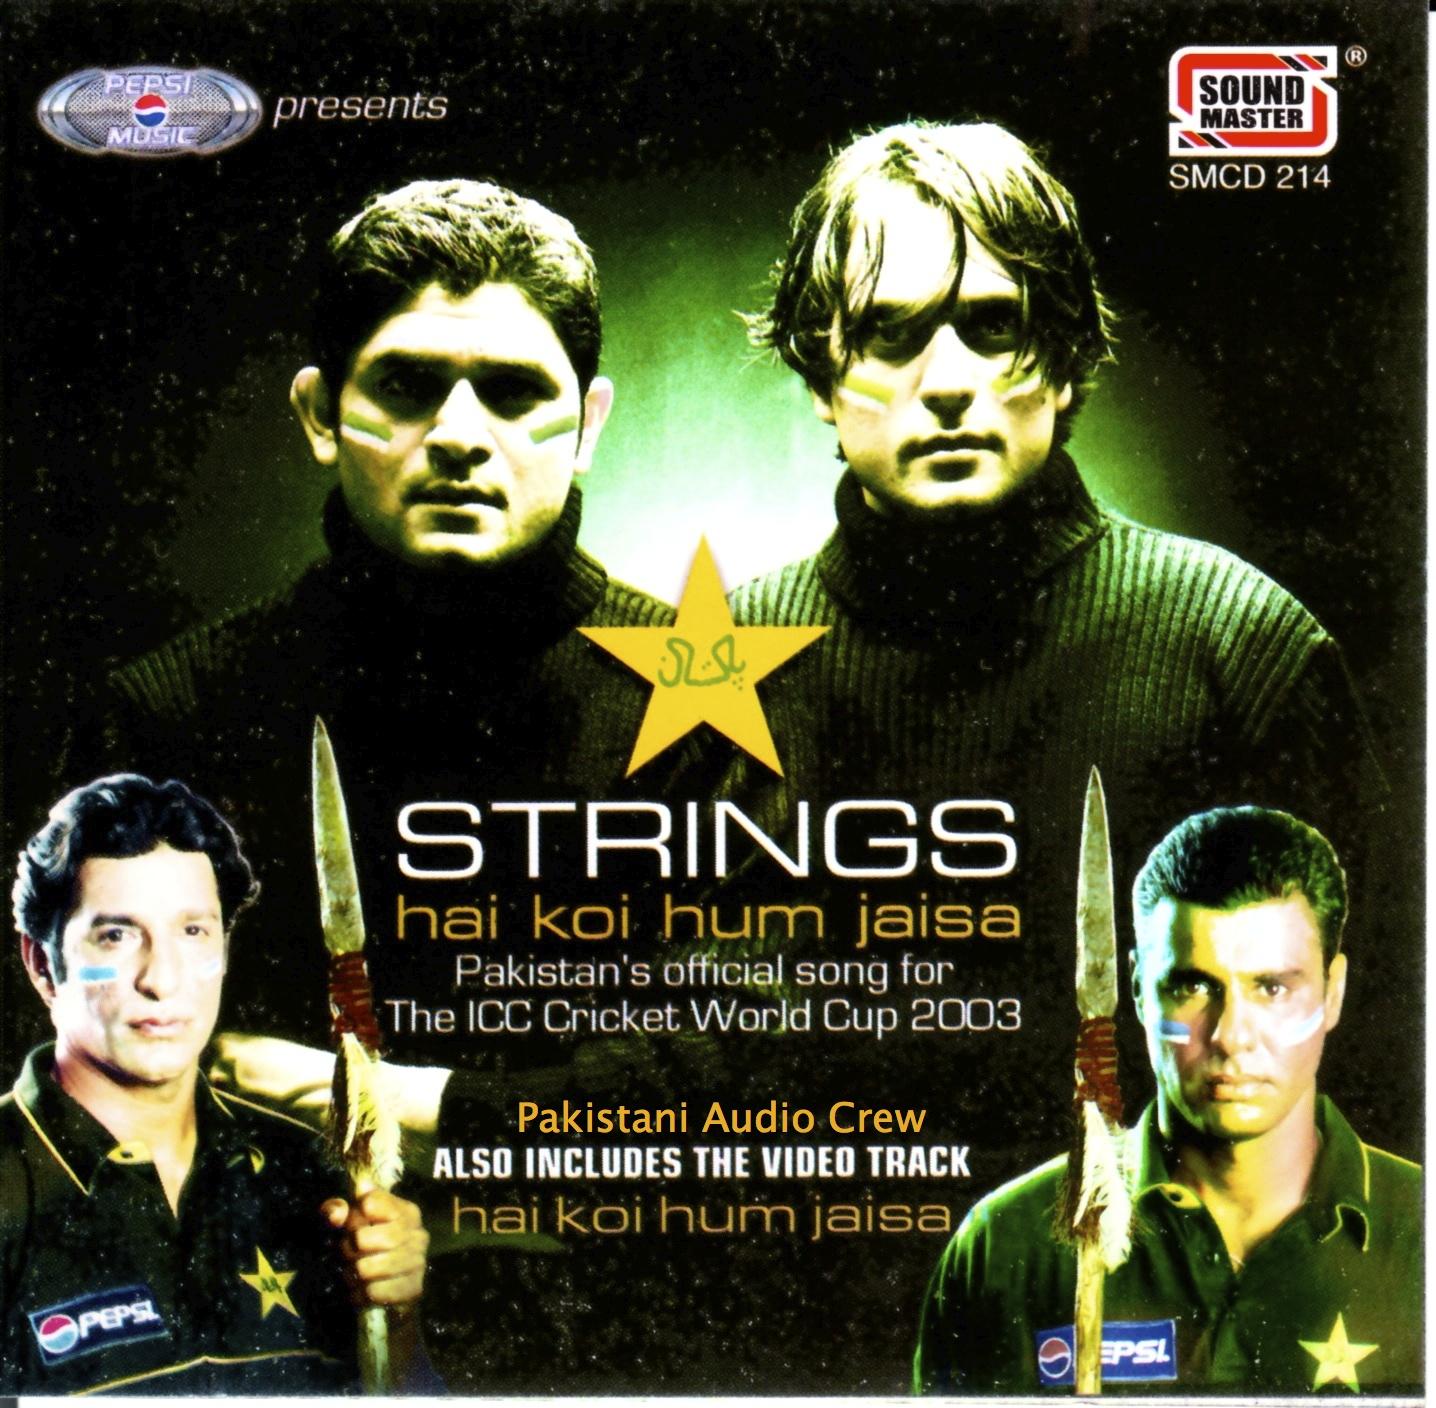 Tu Pyar Hai Kisi Aur Ka Download: Muzikeye: Strings [1990 To 2008-MP3-VBR-320Kbps]